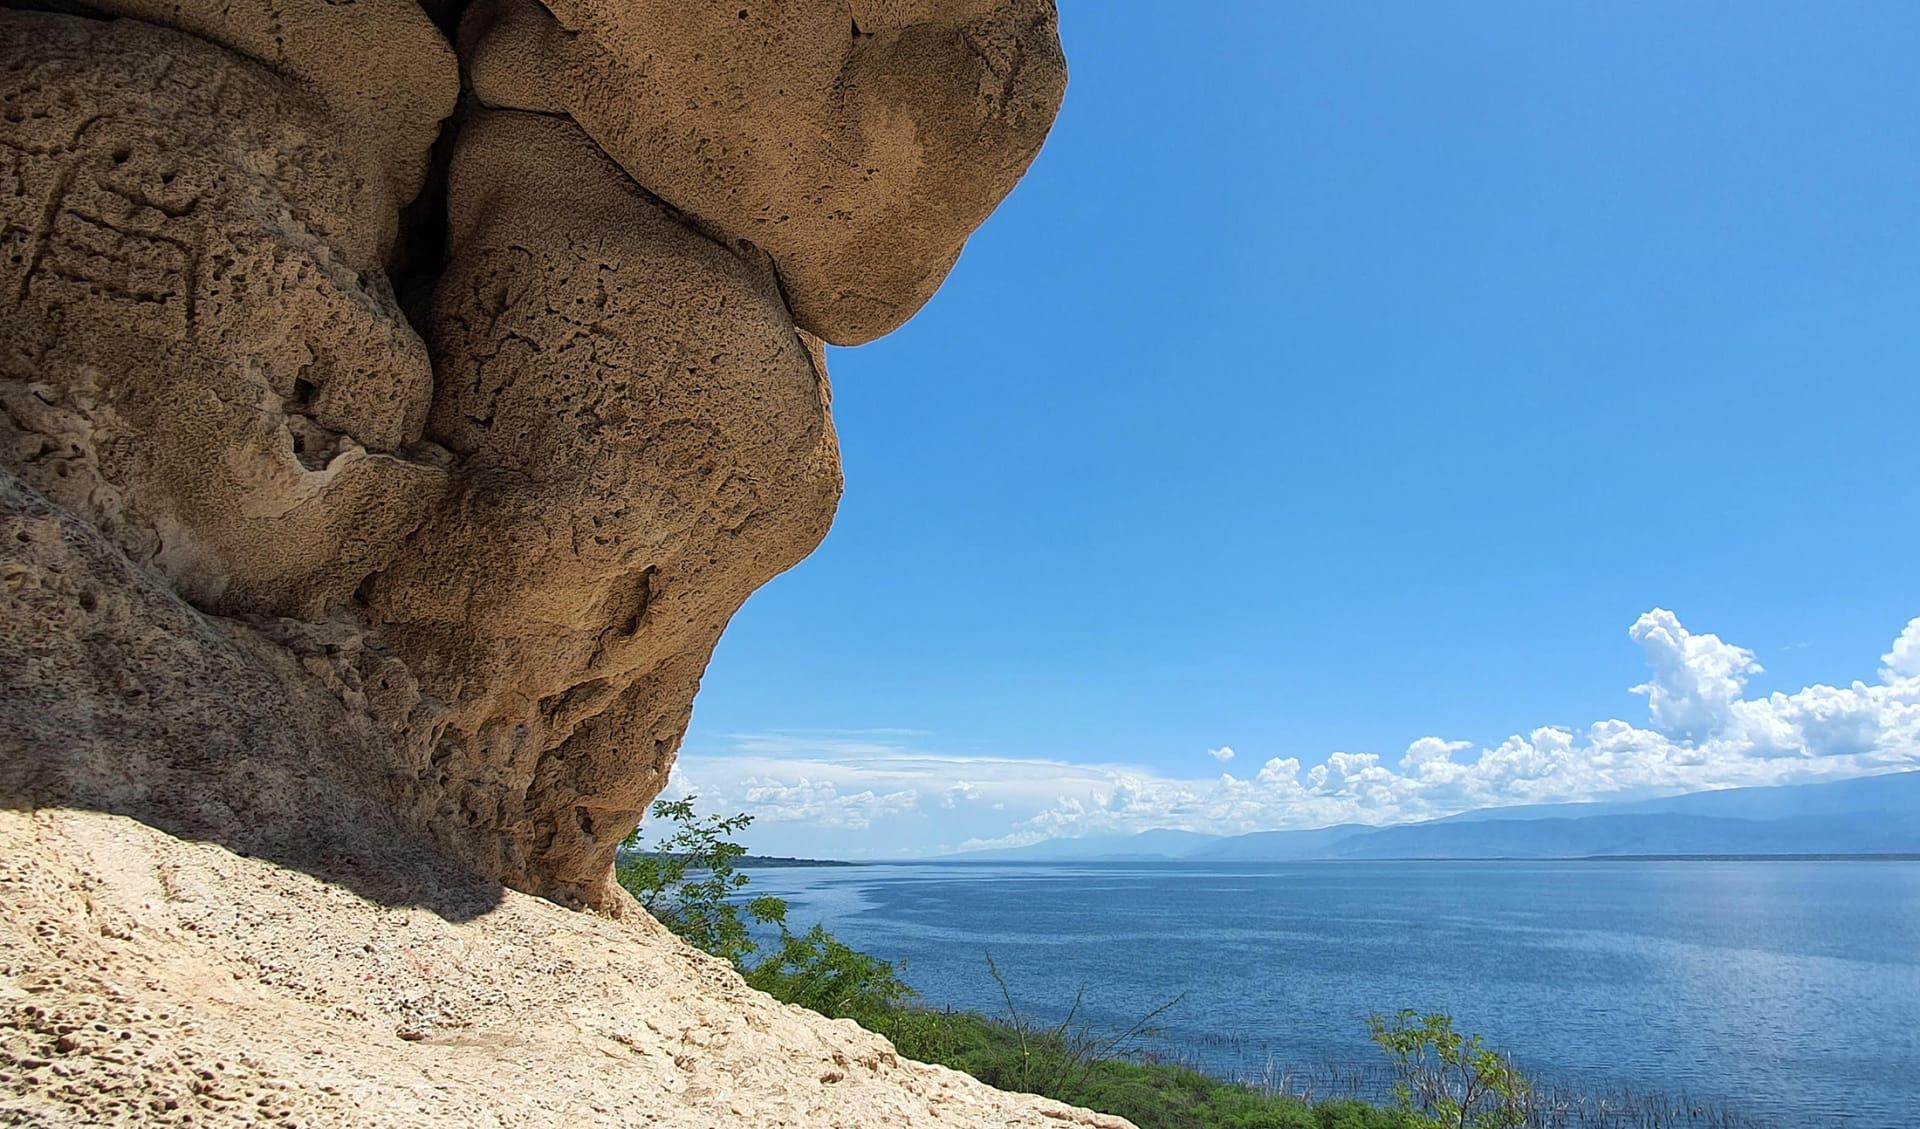 Lake Enriquillo, Dominican Republic